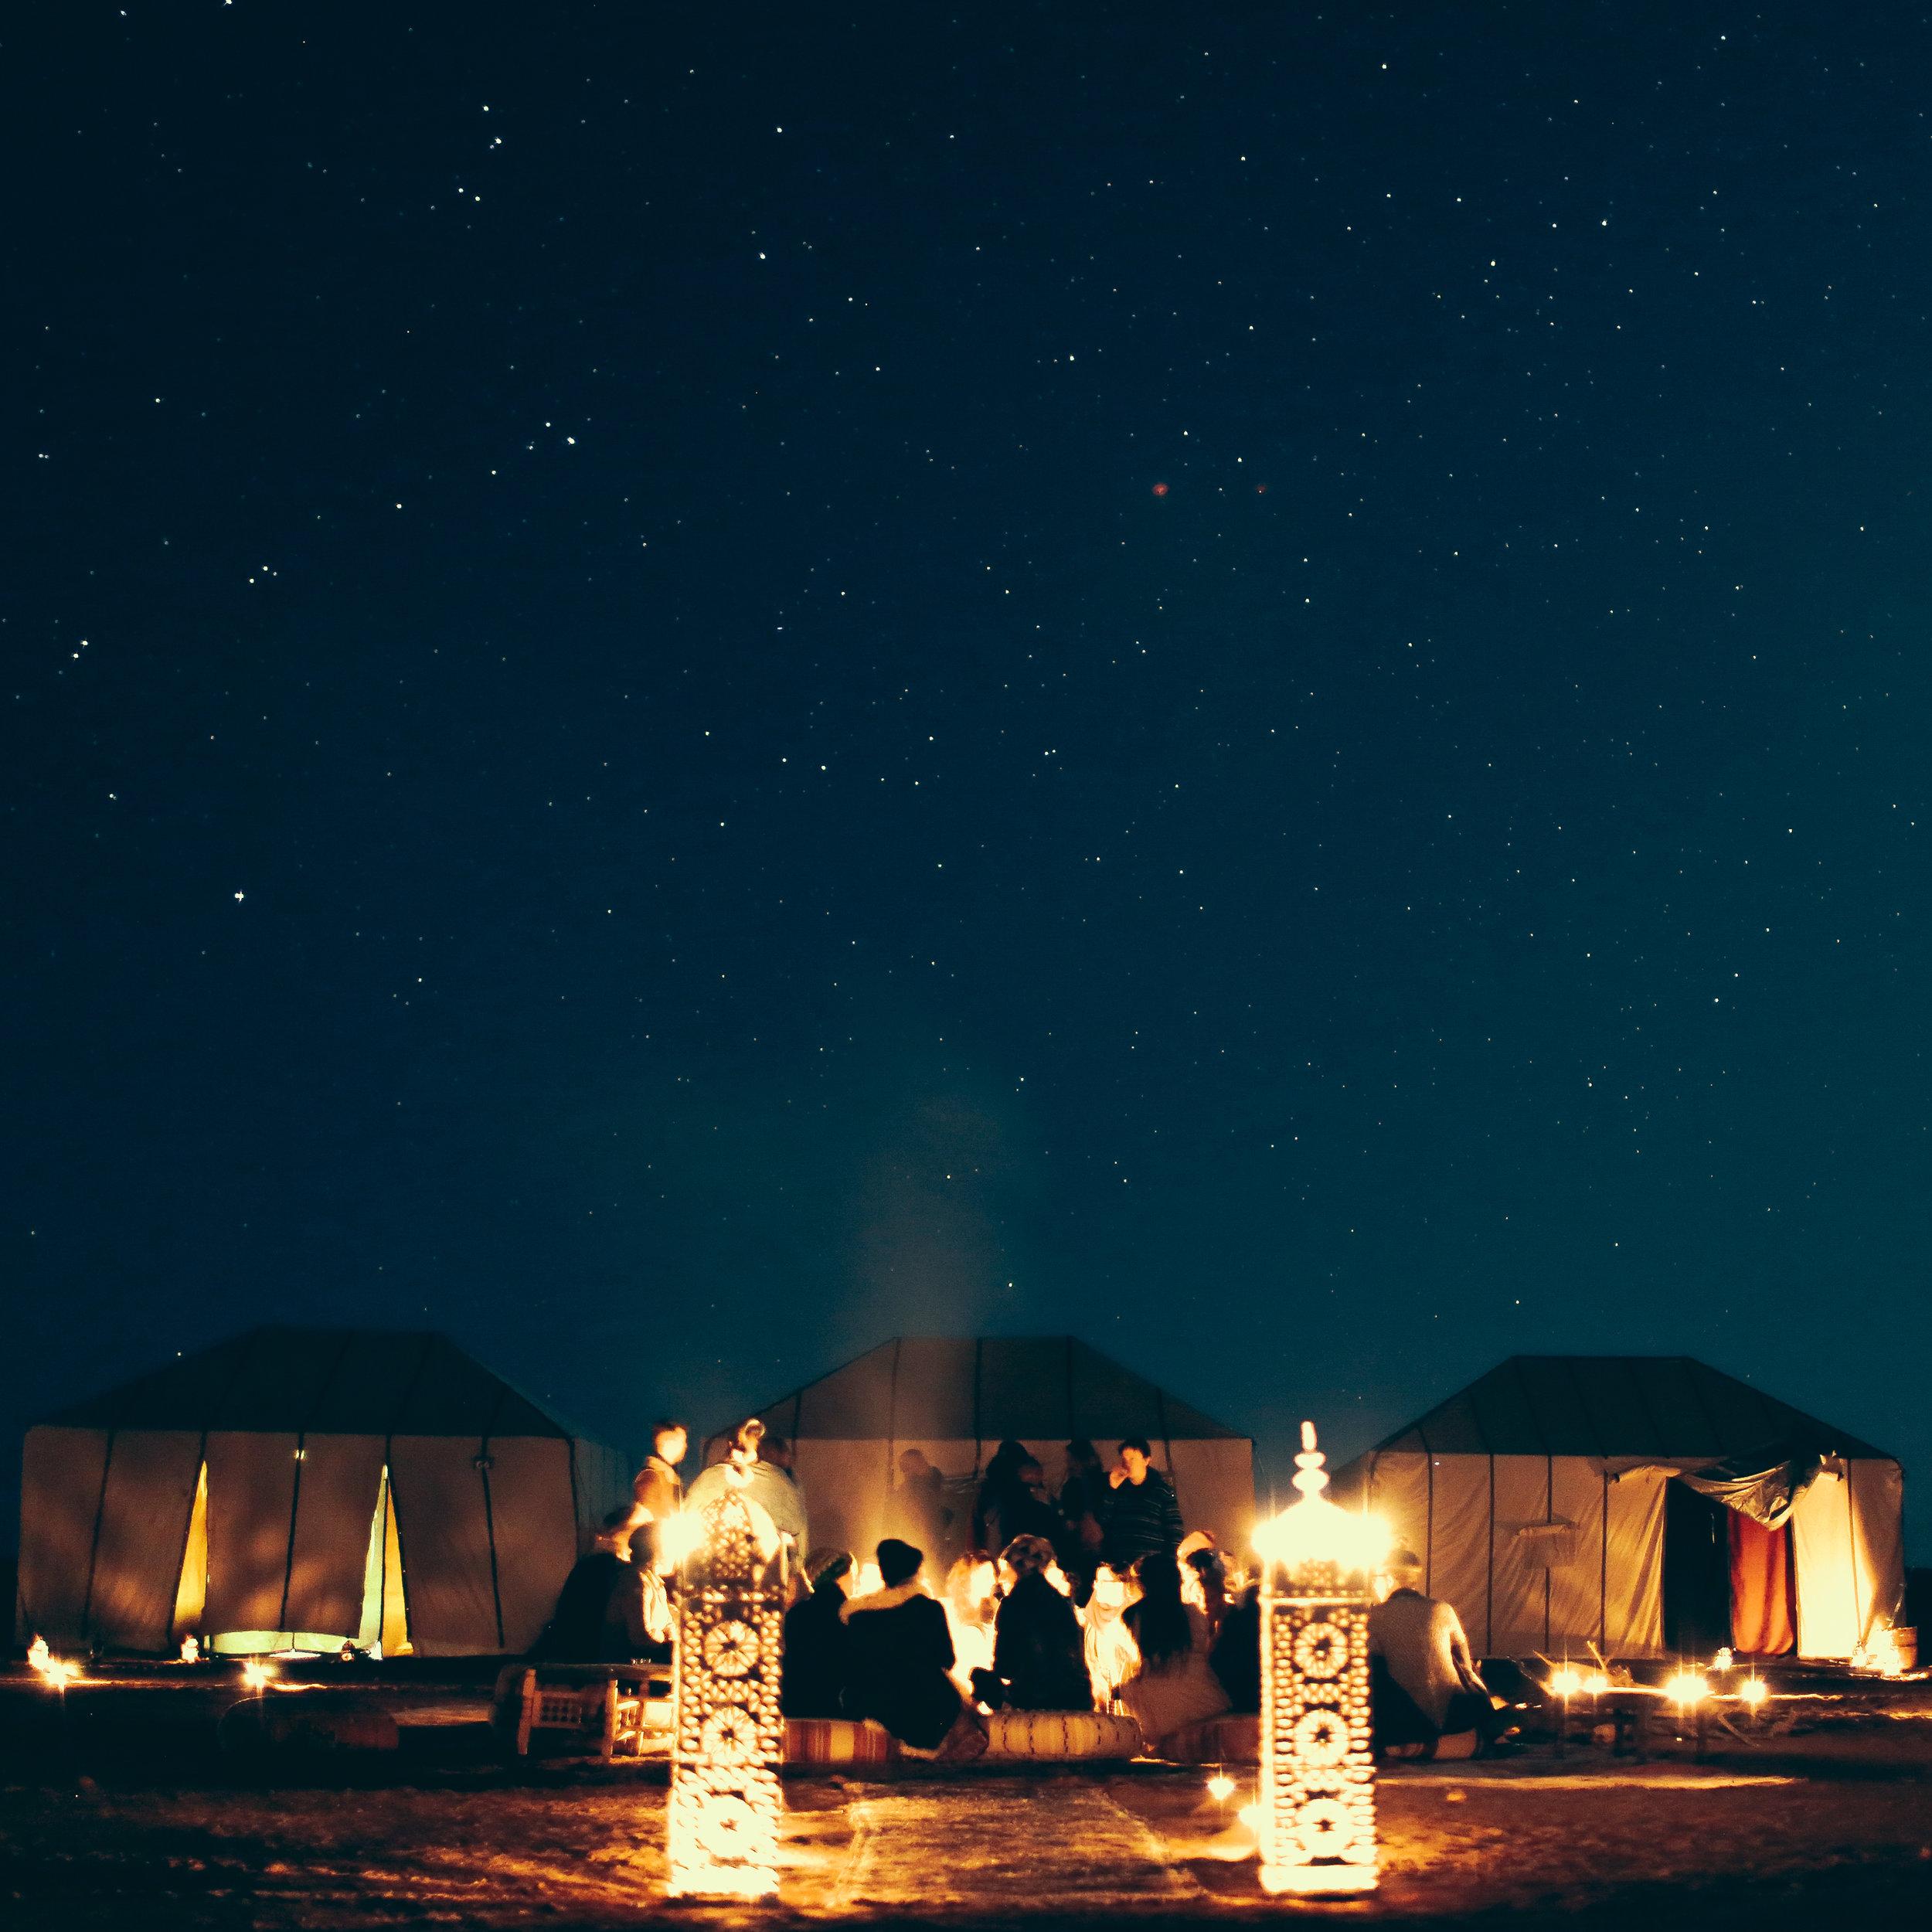 Image property of Camp Adounia